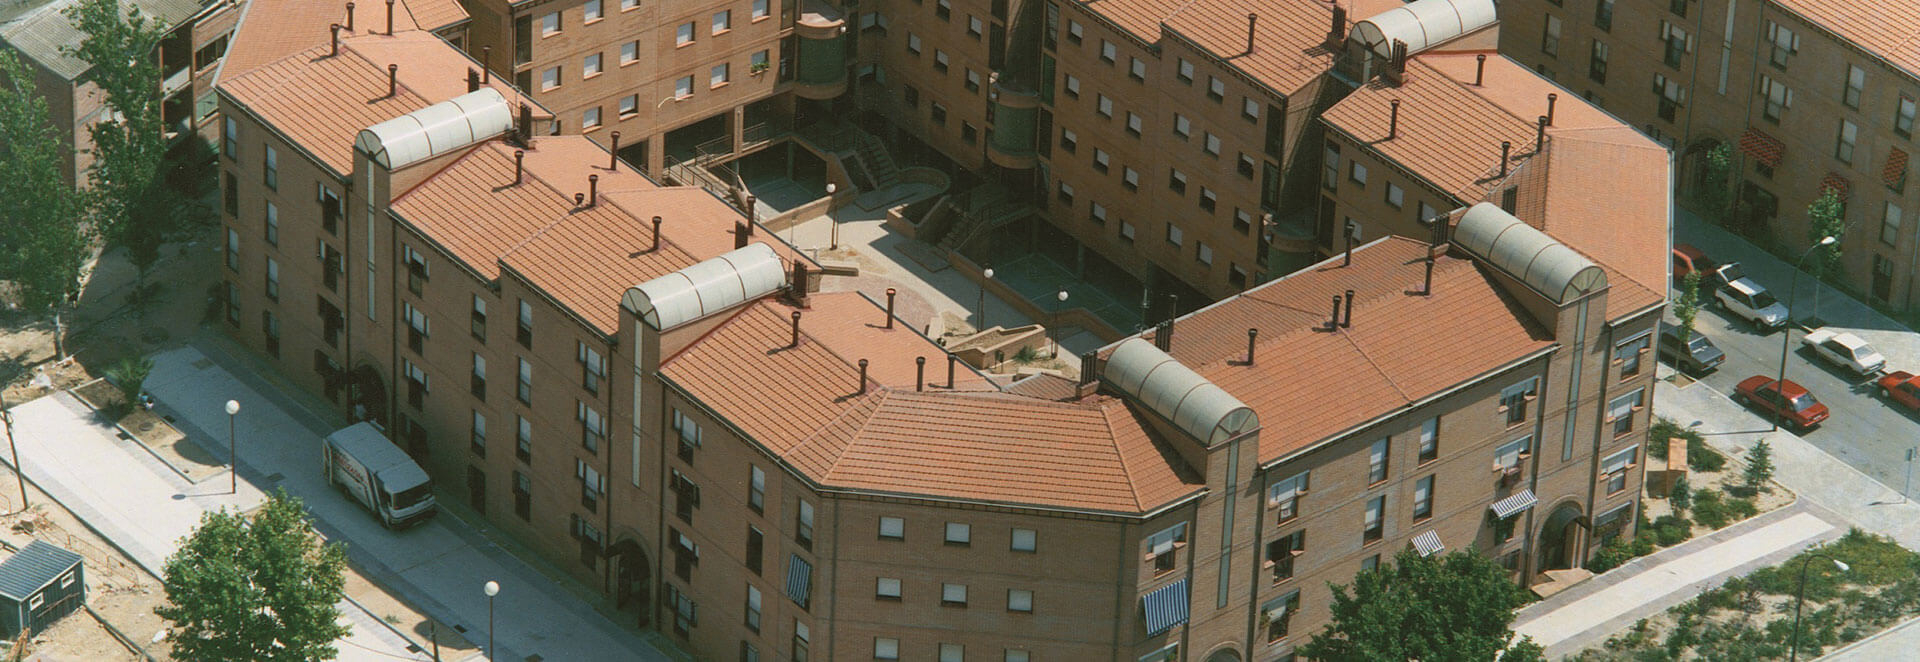 Construcción de viviendas en General Ricardos